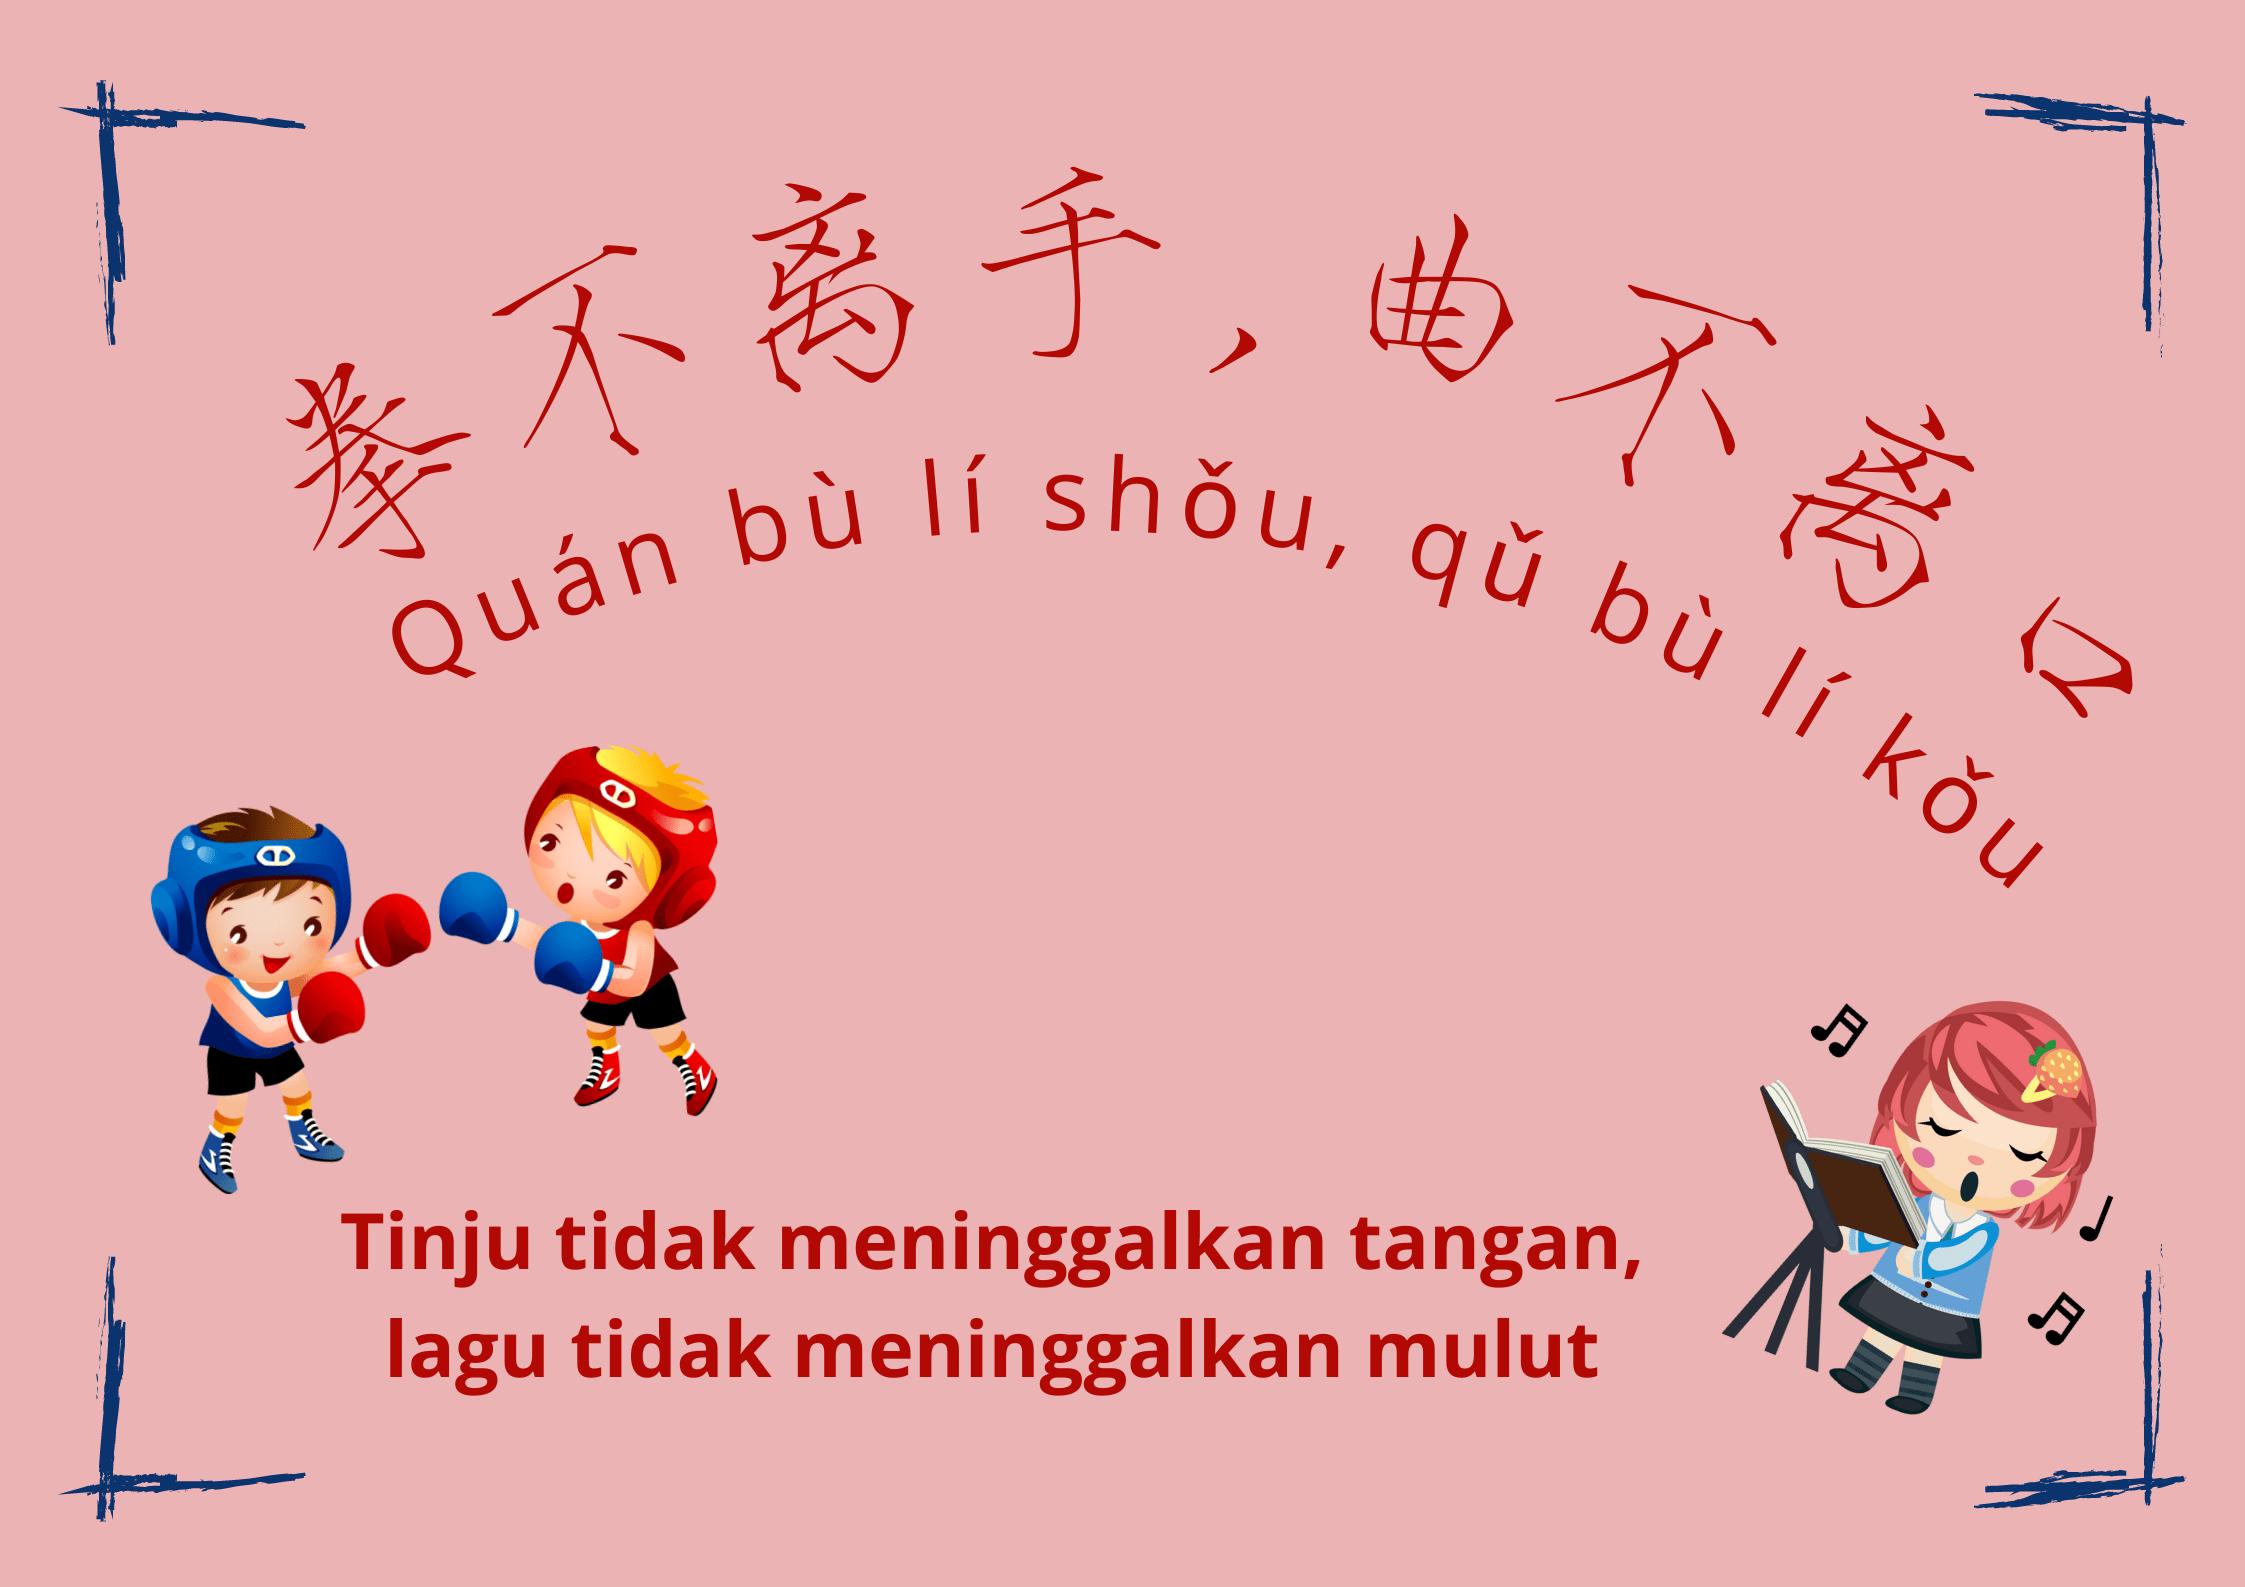 Arti Pepatah Tiongkok Kuno 拳不离手, 曲不离口 (Tinju Tidak Meninggalkan Tangan, Lagu Tidak Meninggalkan Mulut)